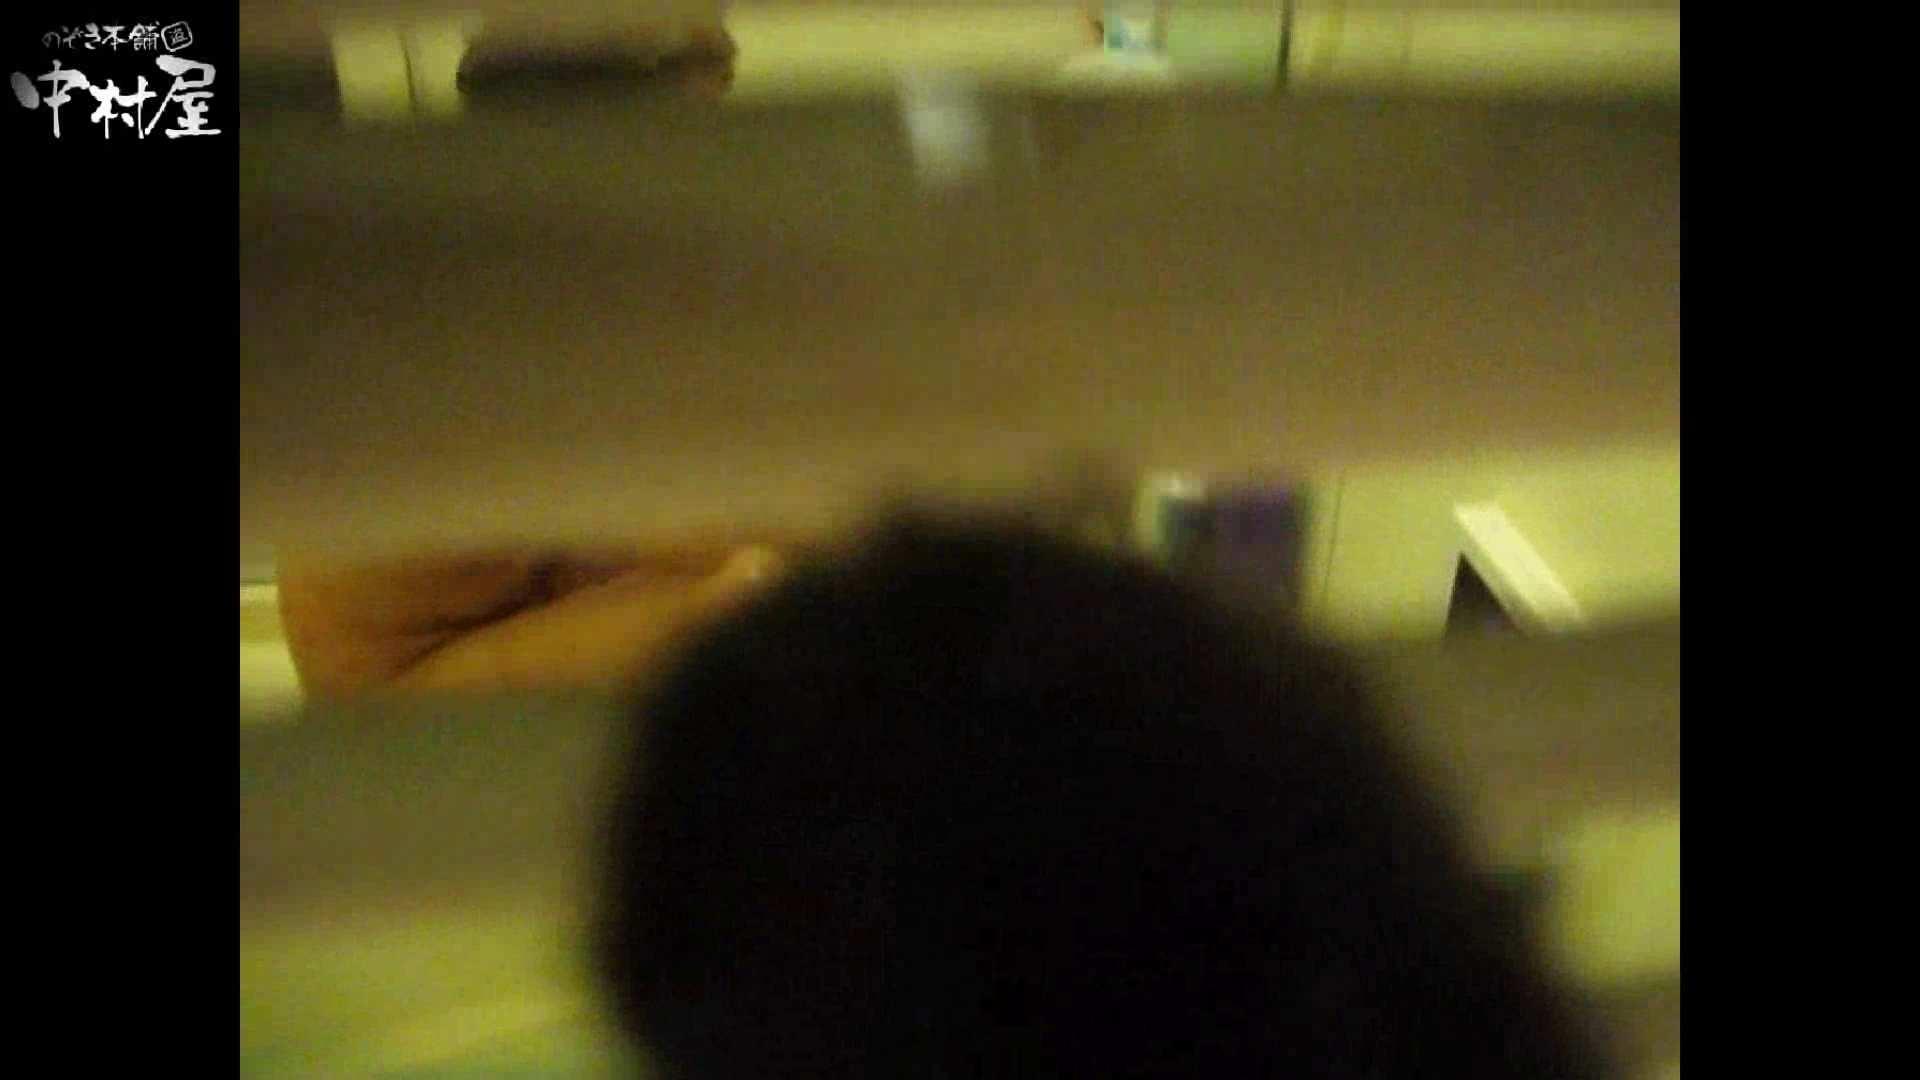 民家風呂専門盗撮師の超危険映像 vol.008 美女丸裸 のぞき動画画像 94pic 33